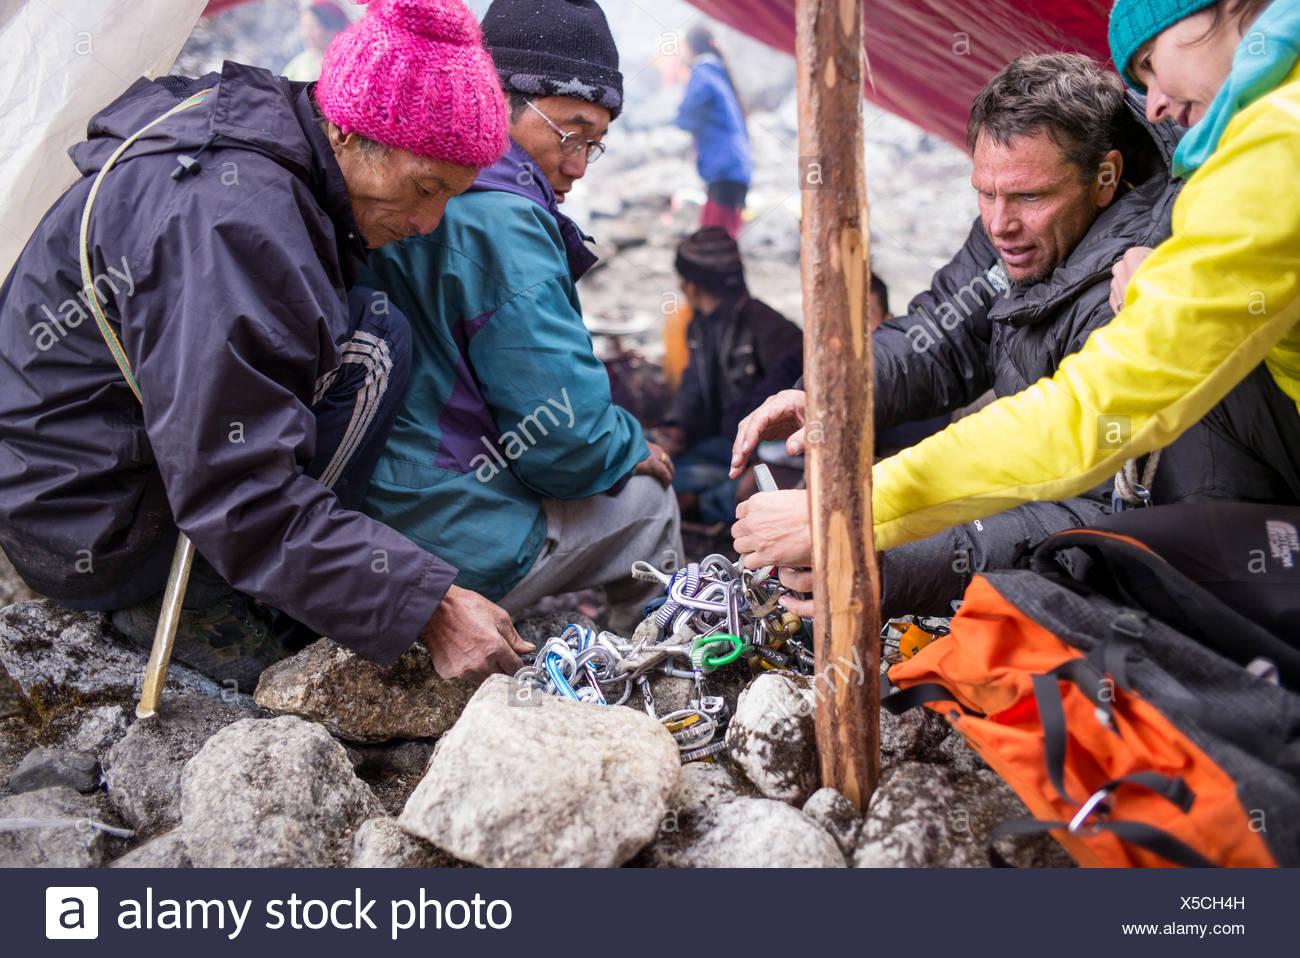 Expeditionsteilnehmer prüfen Geräte mit Hilfe von lokalen Guides. Stockfoto